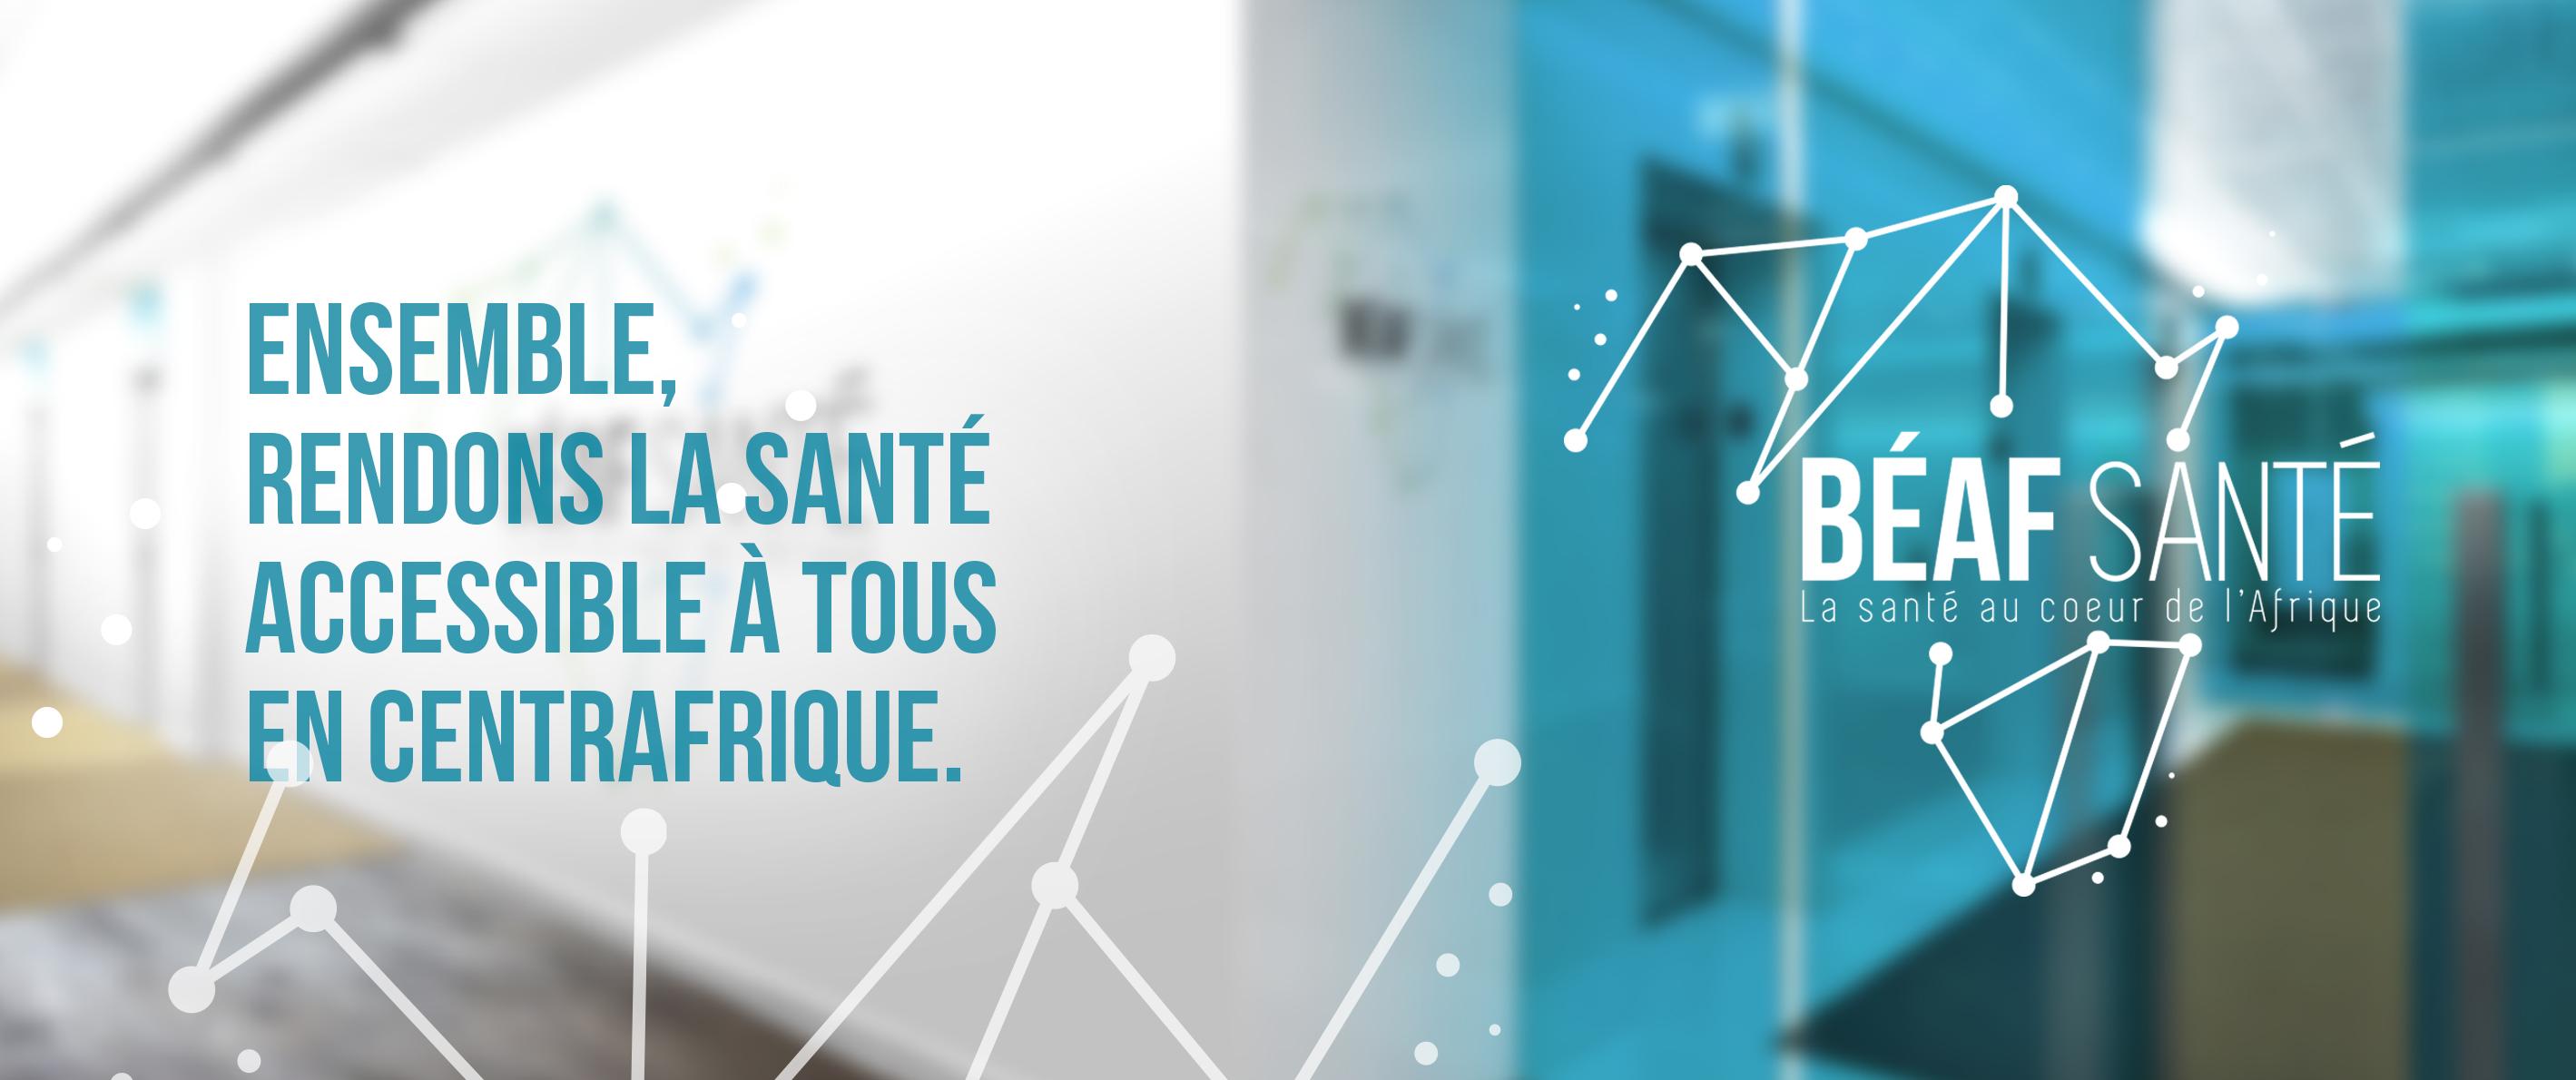 Centre d'analyses biomédicales Centrafrique